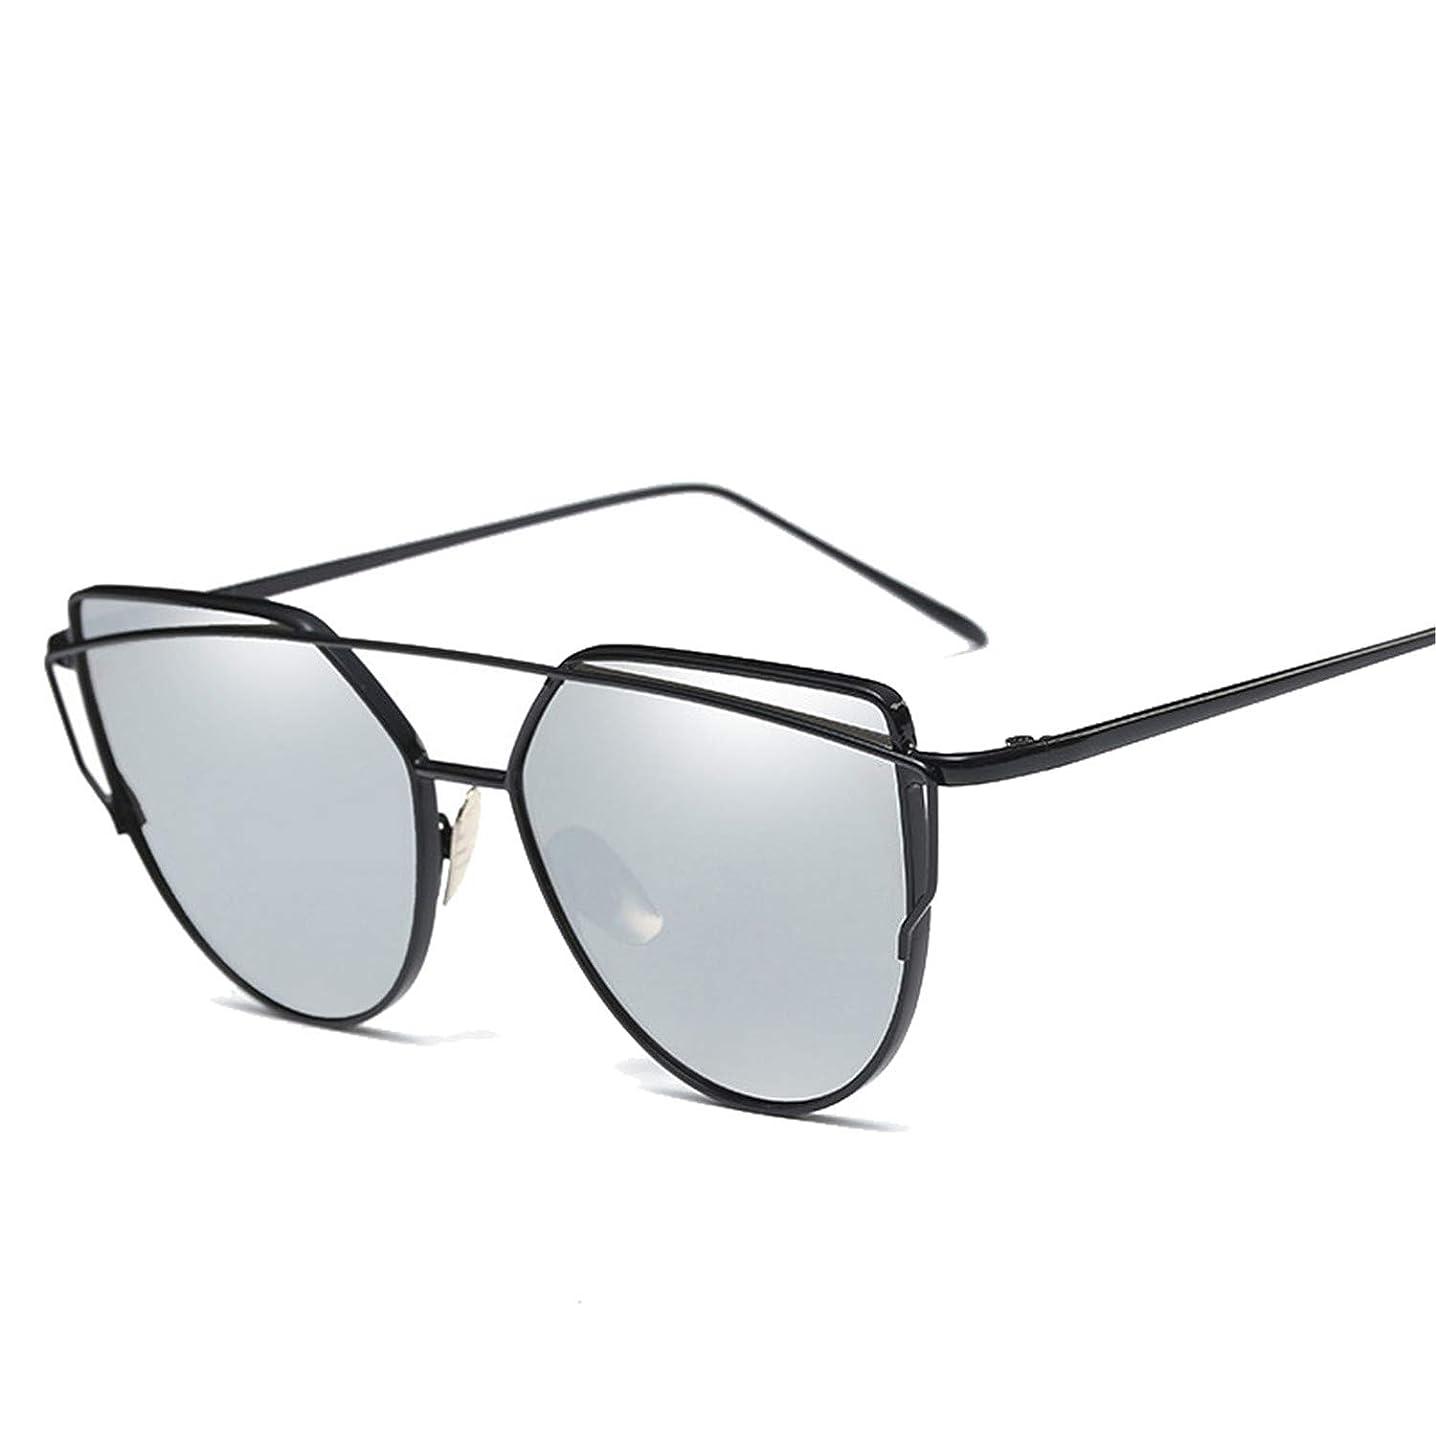 New Cat Eye Vintage Rose Gold Mirror Sunglasses for Women Flat Lens Sun Glasses 6627 Black Silver